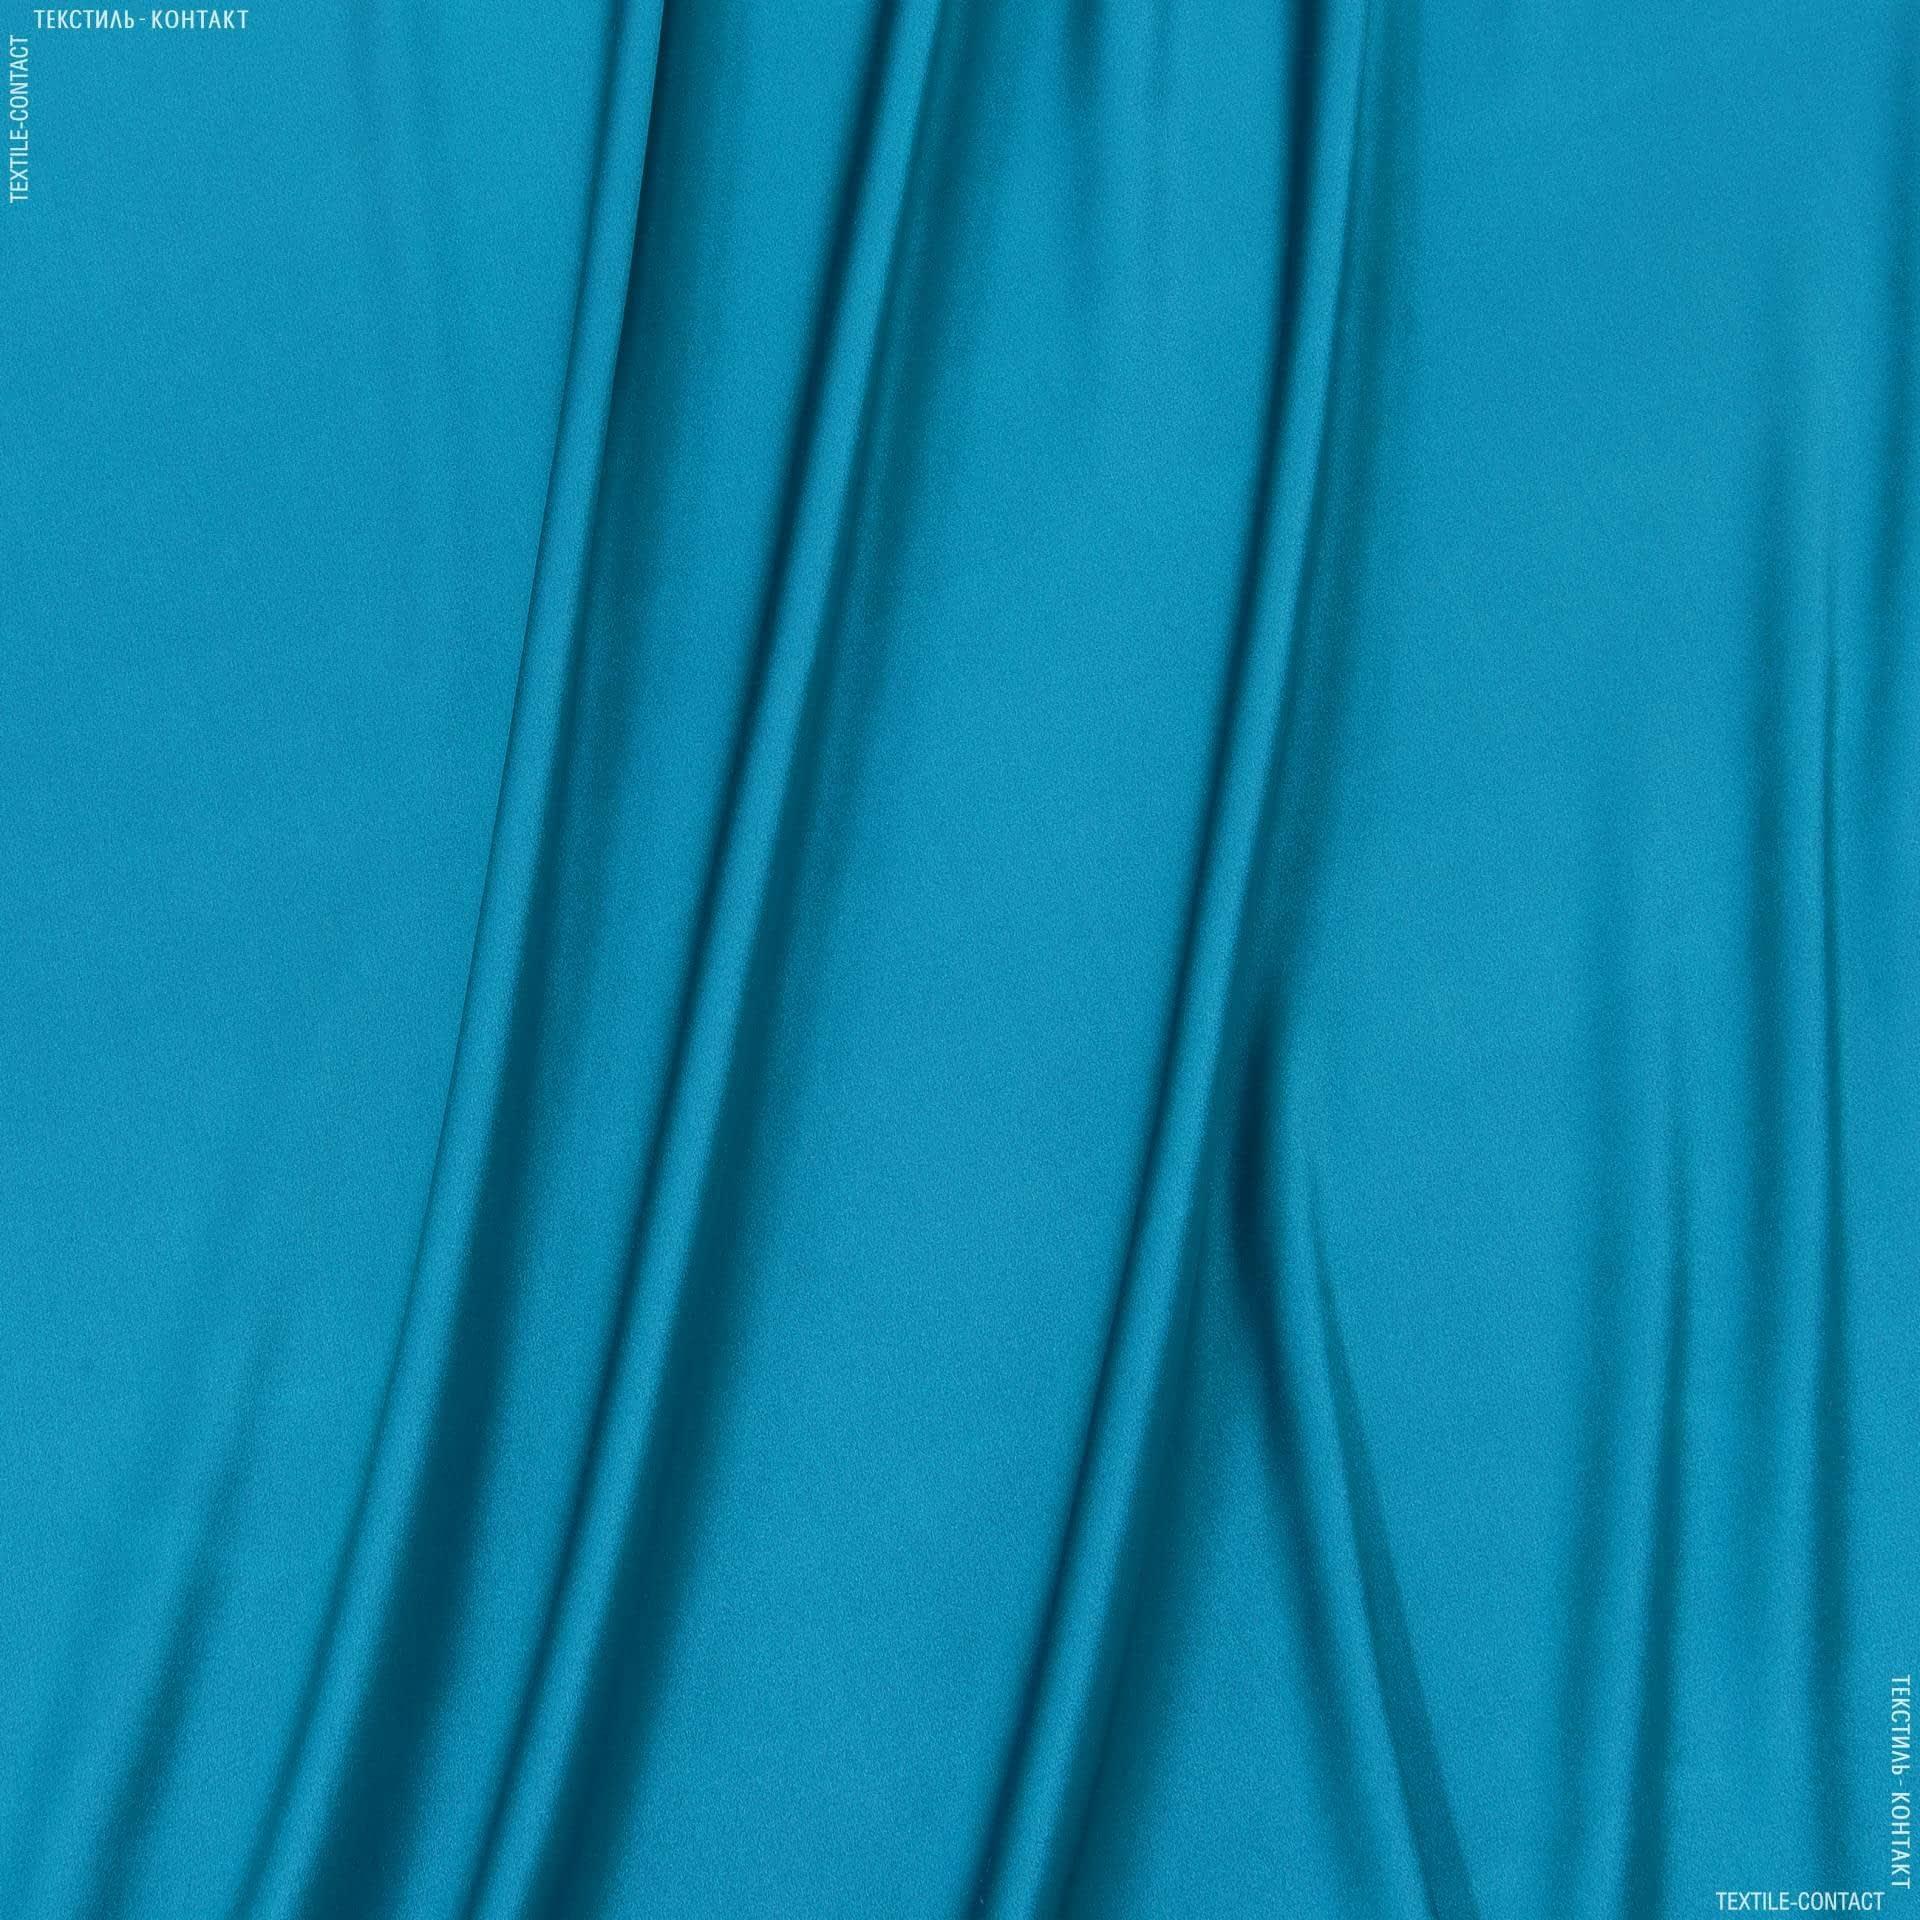 Тканини для білизни - Атлас шовк натур. стрейч темна морська хвиля